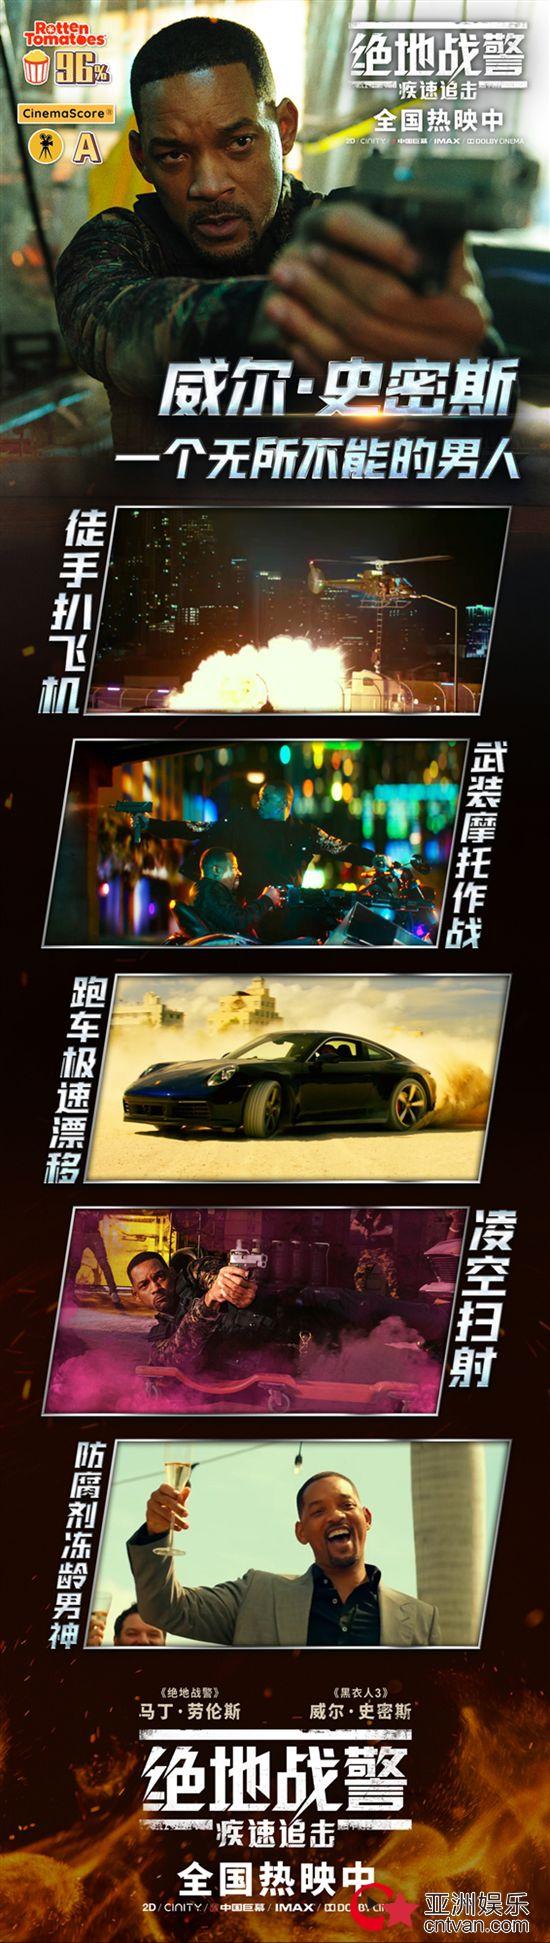 史皇动作巅峰《绝地战警:疾速追击》正在热映 同档新片票房第一